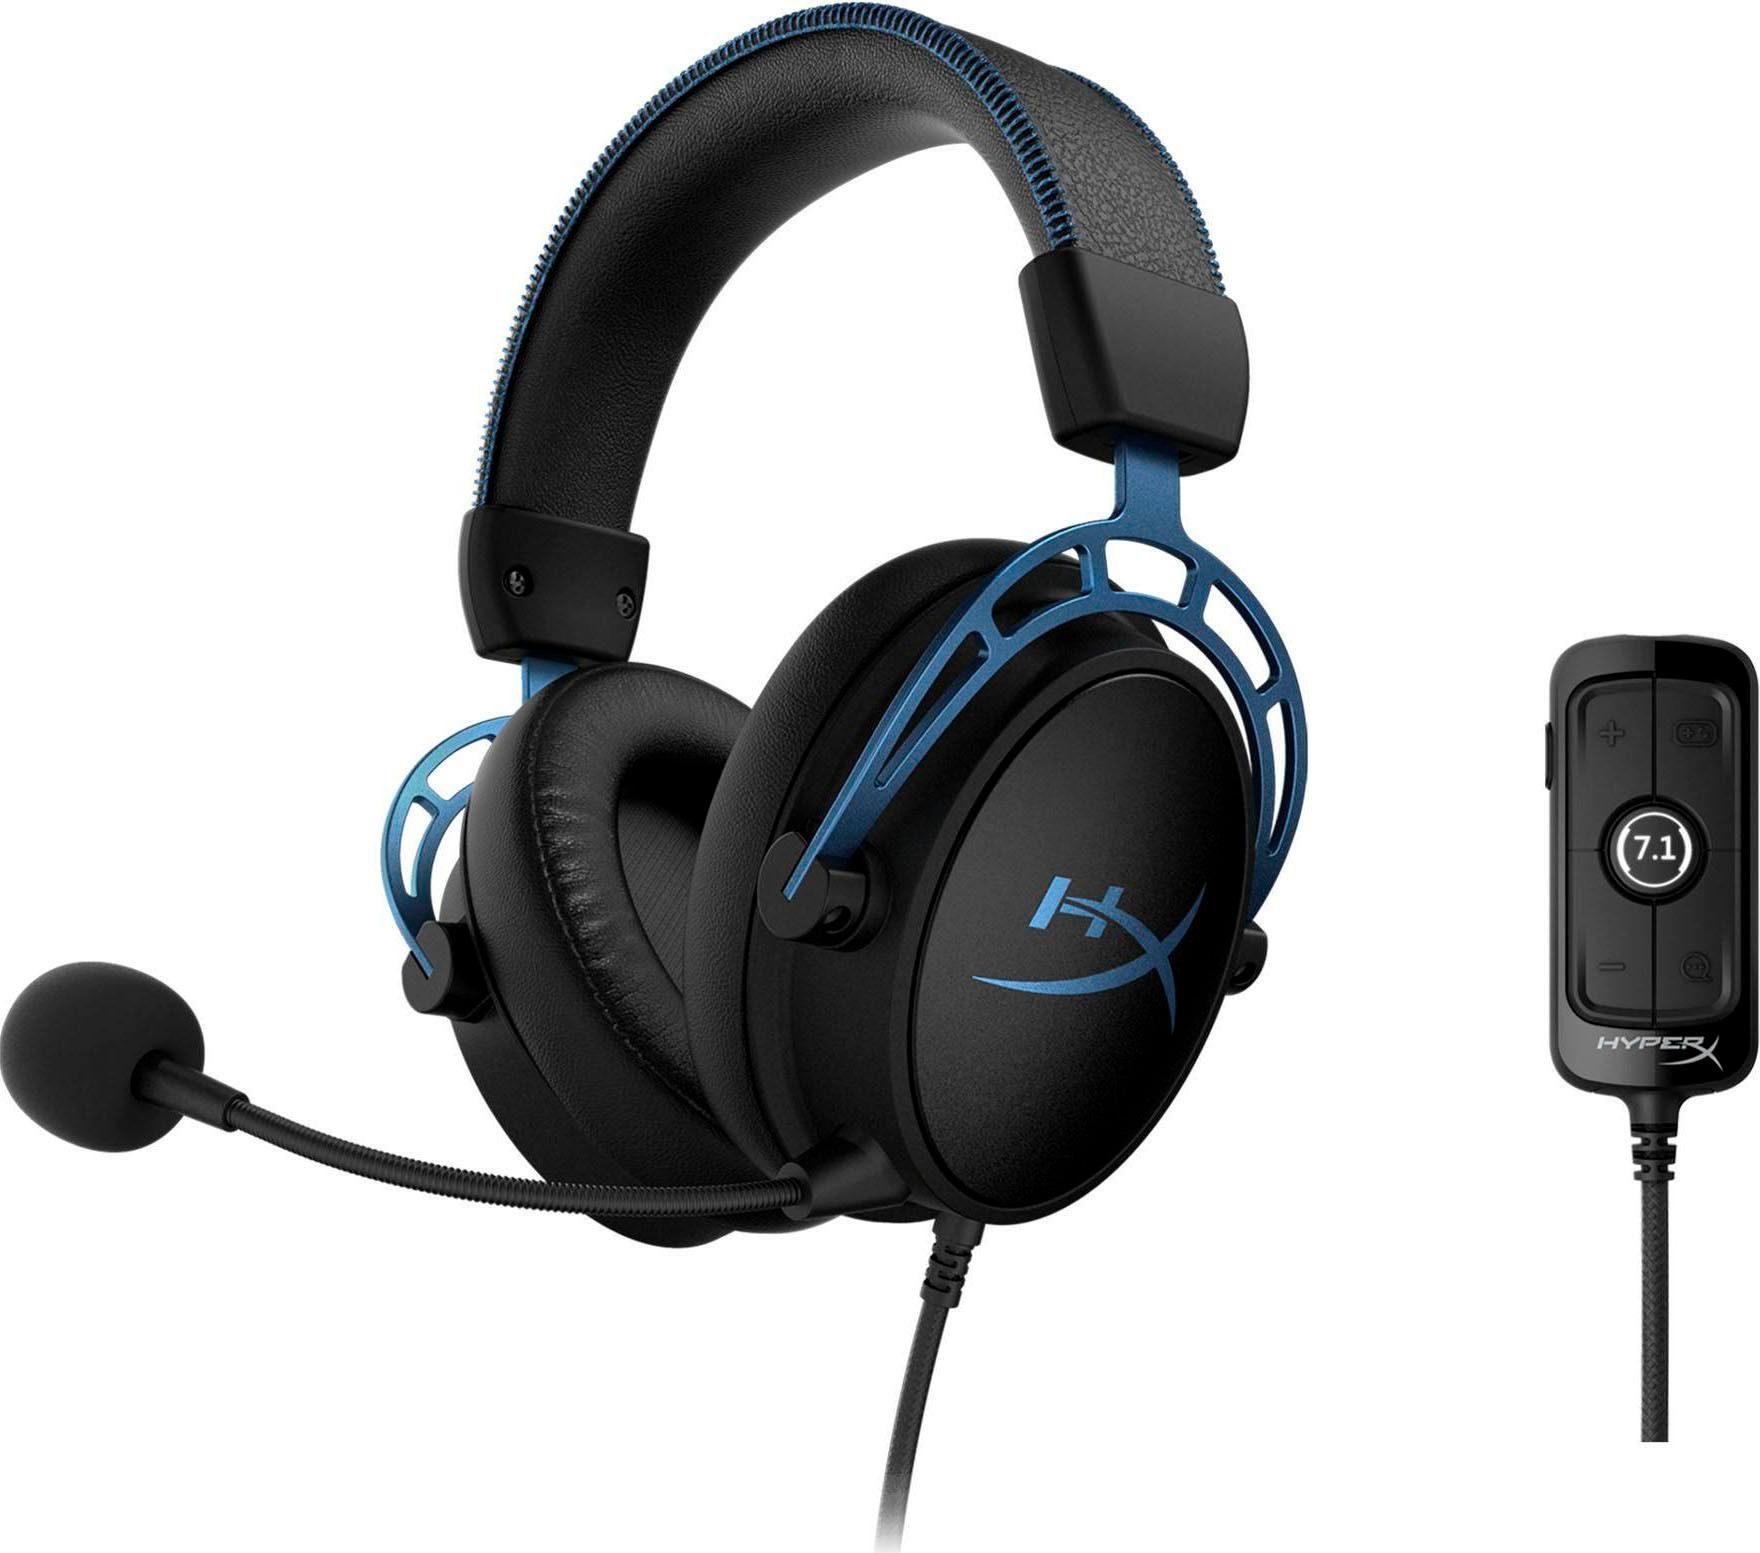 HyperX »Cloud Alpha S« Gaming-Headset. Personalisierbarer HyperX 7.1 Surround Sound online kaufen   OTTO